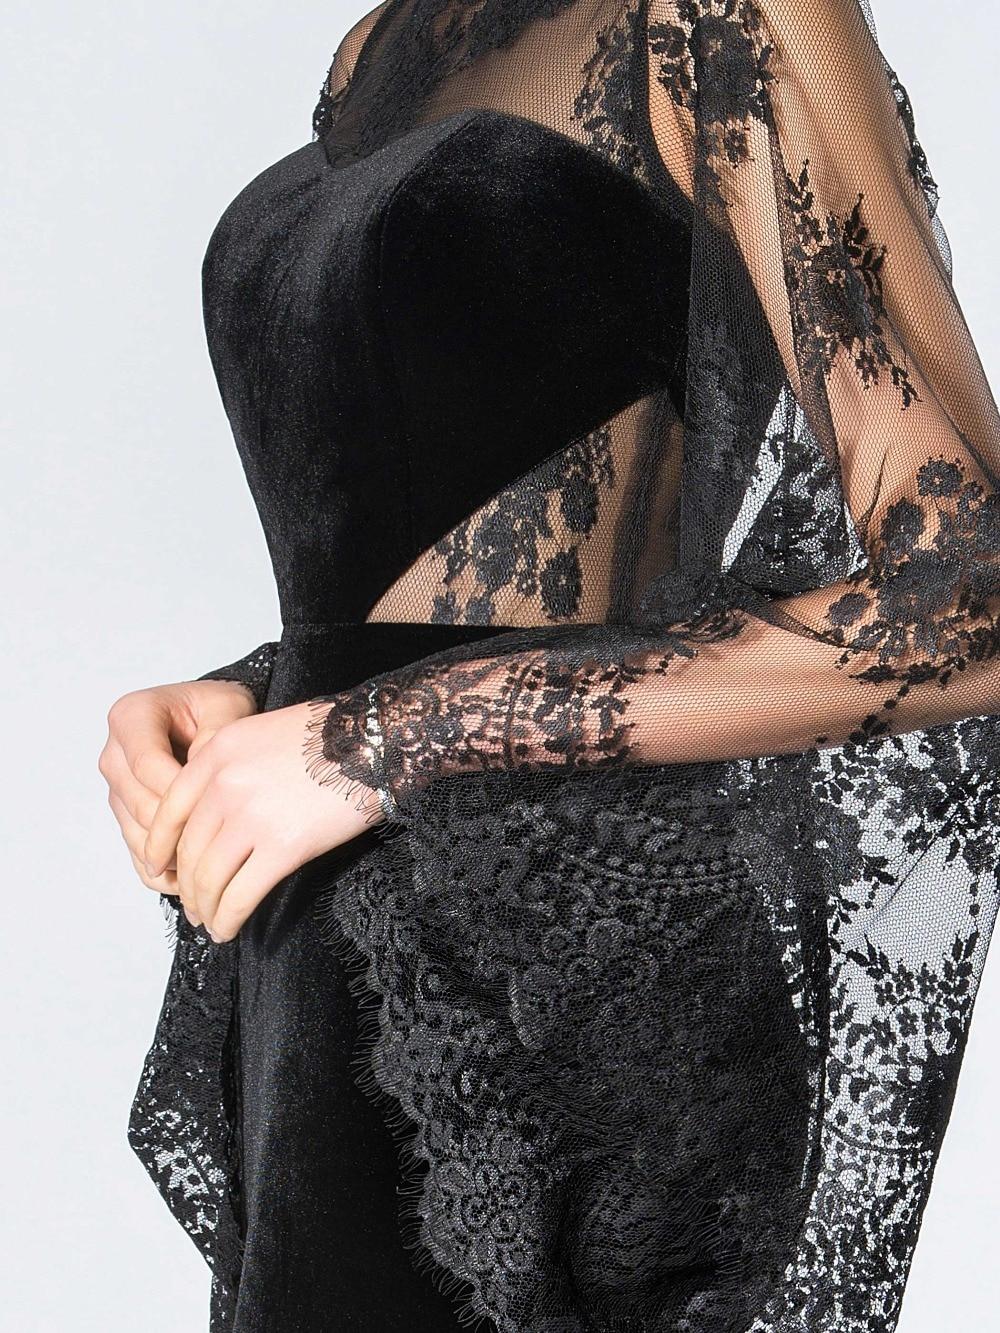 Dressv Vintage Lace Muslim Aftonklänningar Skede O-Neck Långärmade - Särskilda tillfällen klänningar - Foto 5